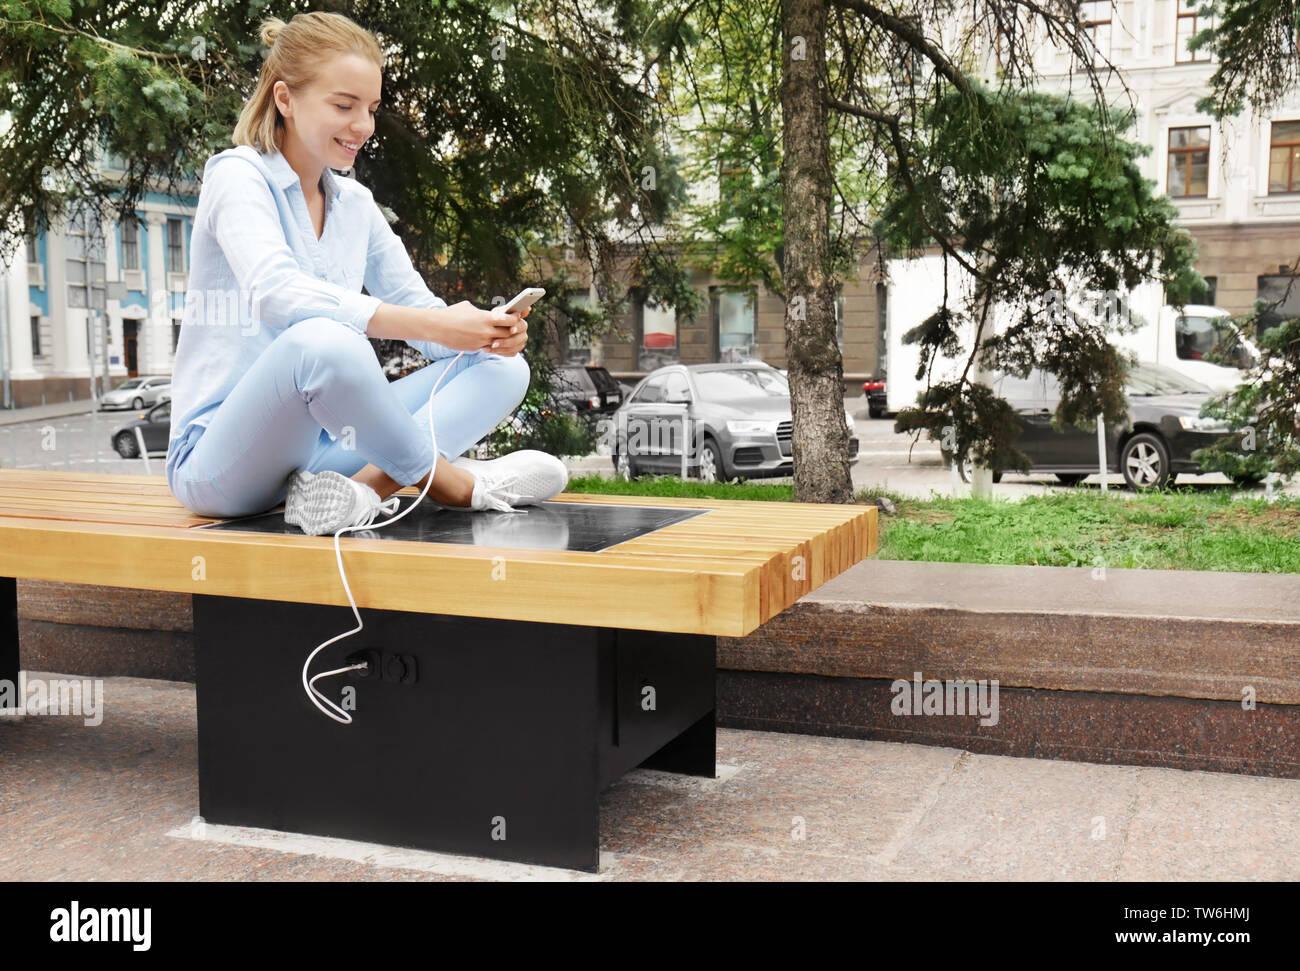 Mujer joven cargando el teléfono móvil en el banco de trabajo con panel solar Imagen De Stock